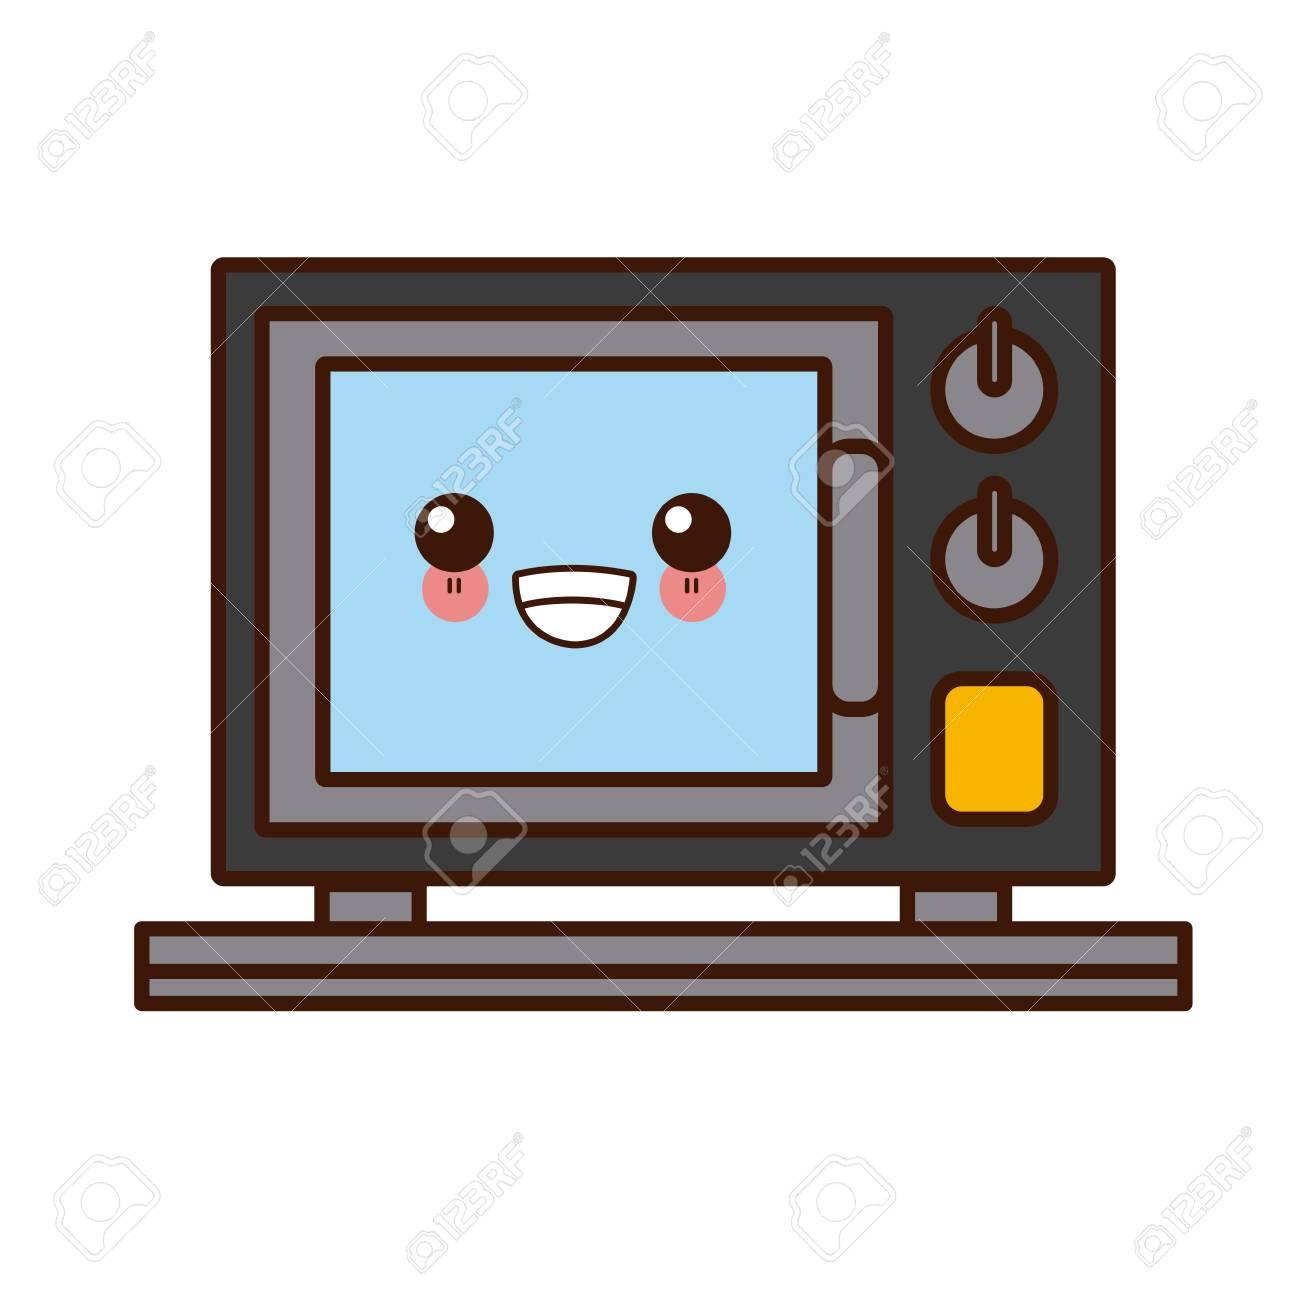 microwave kitchen appliance cute kawaii cartoon